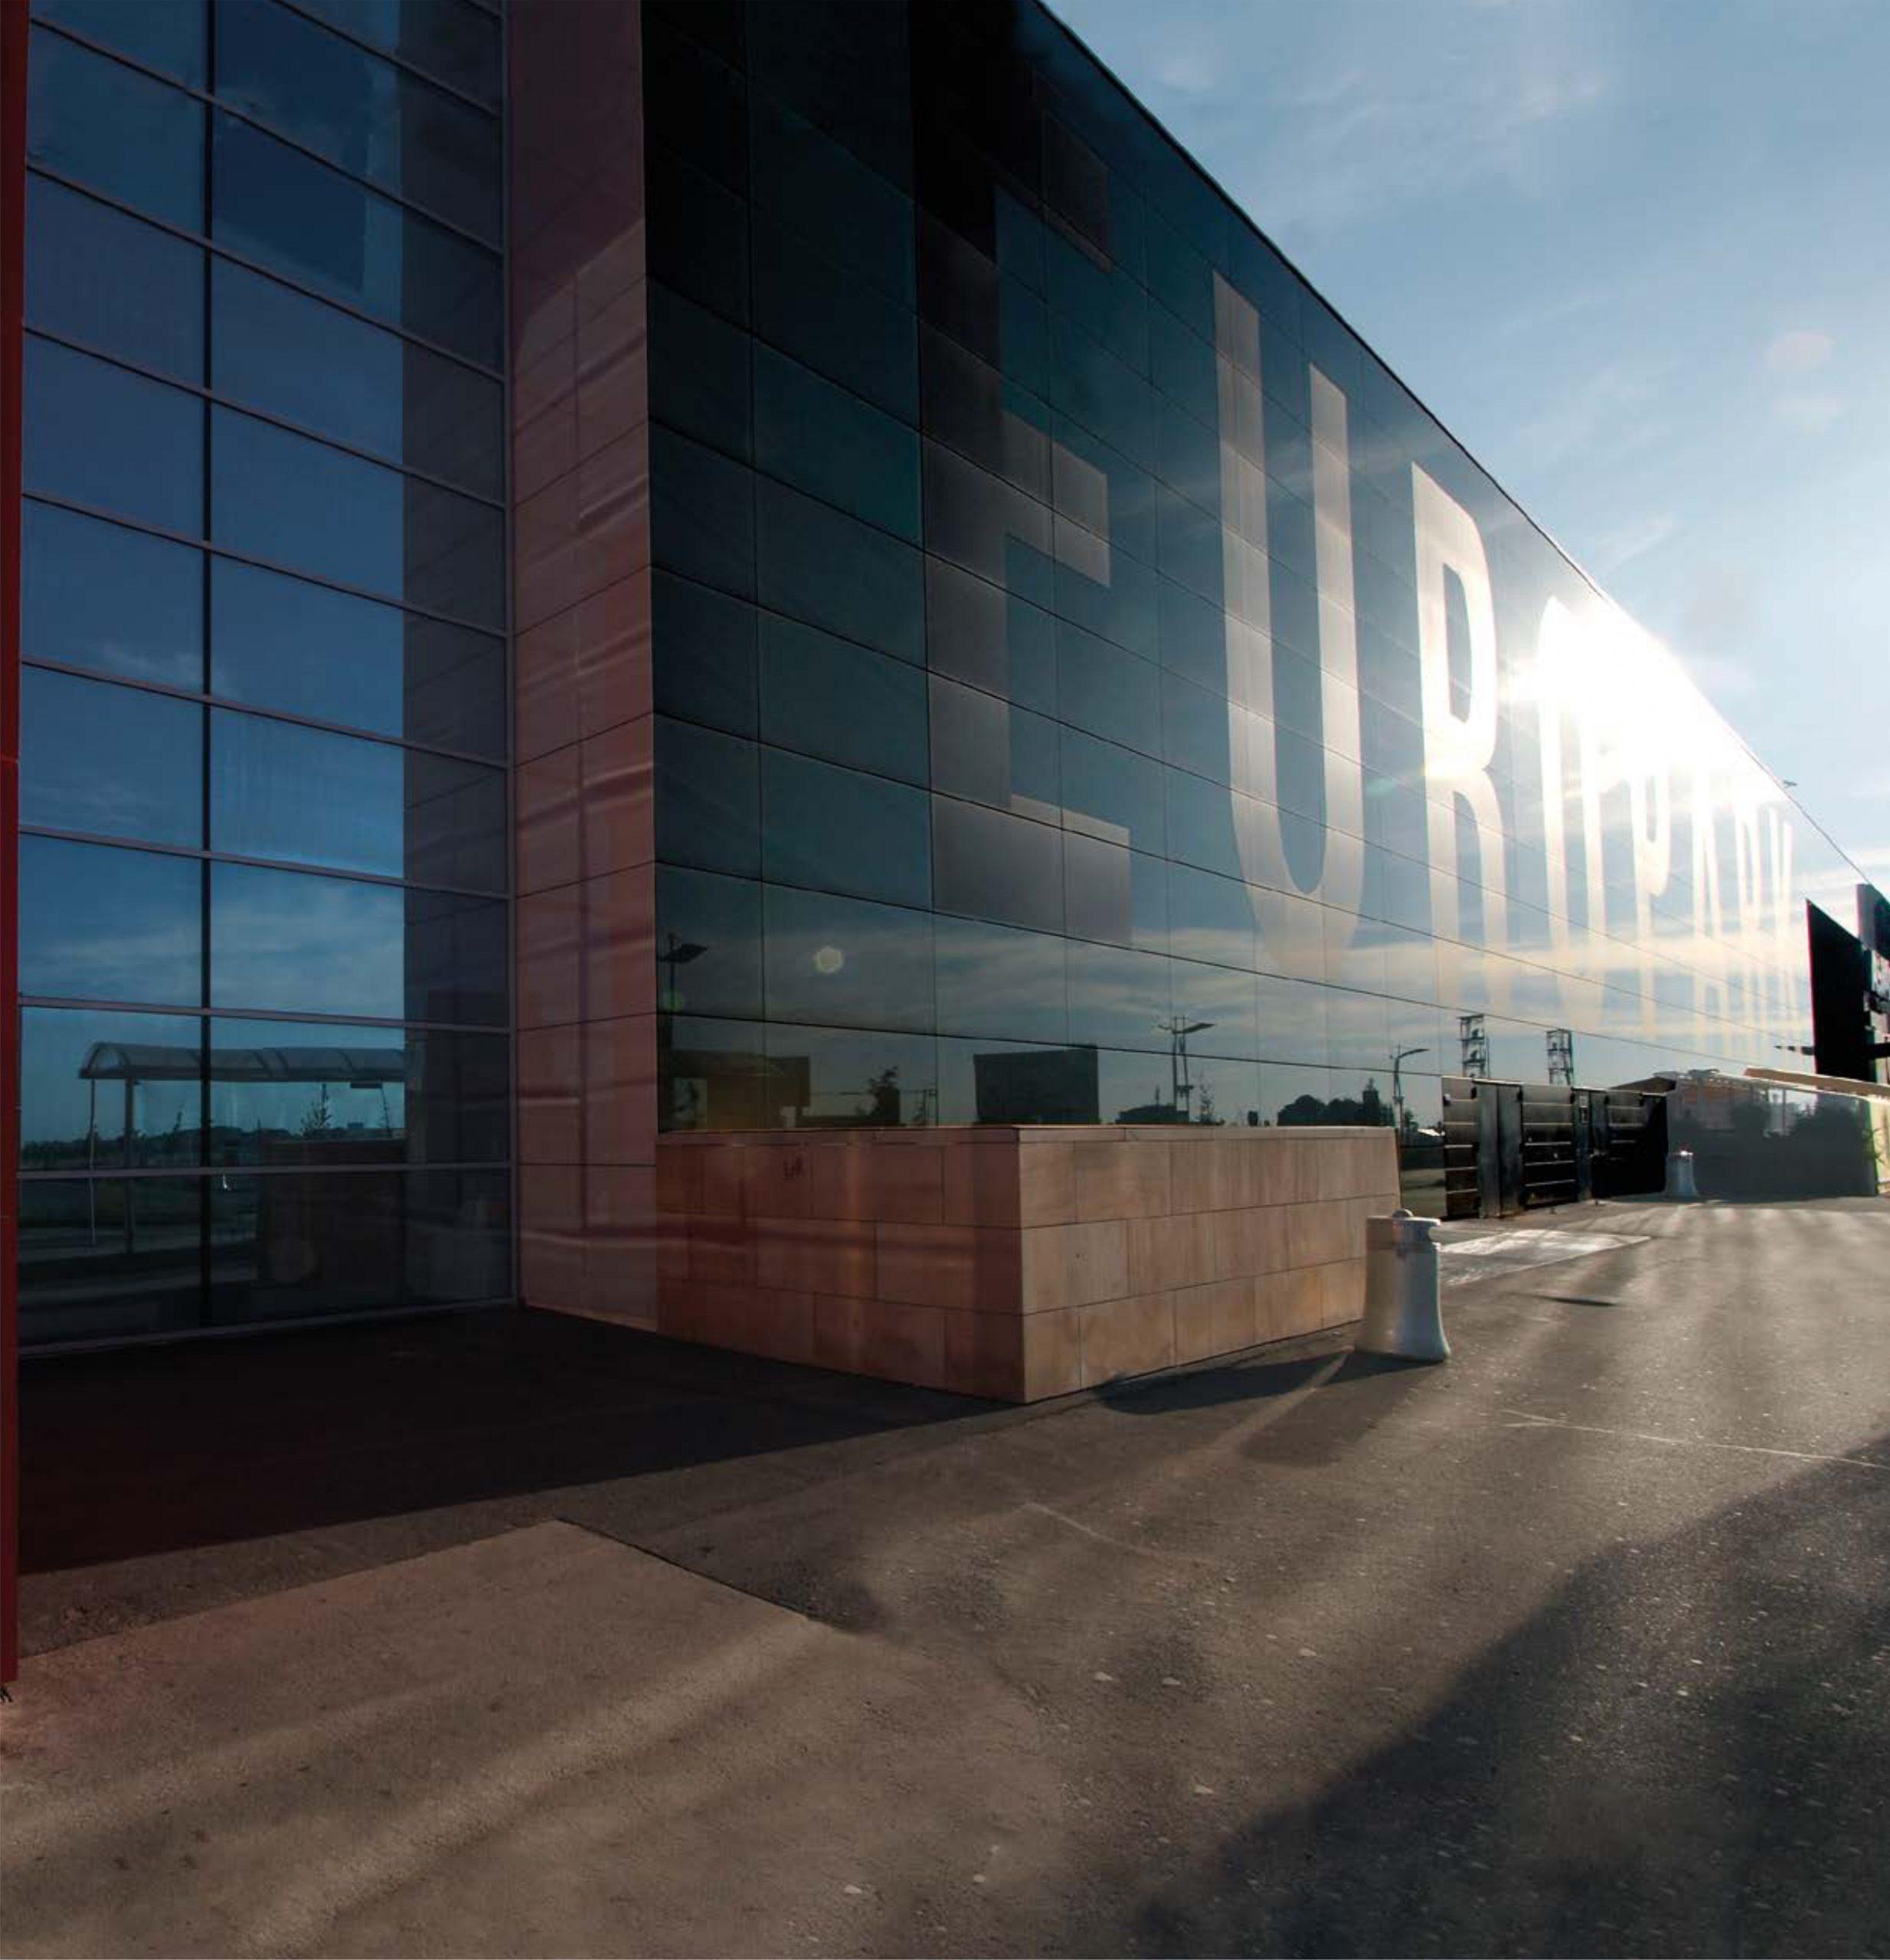 vstup hlavny vchod europark praha obchodne centrum